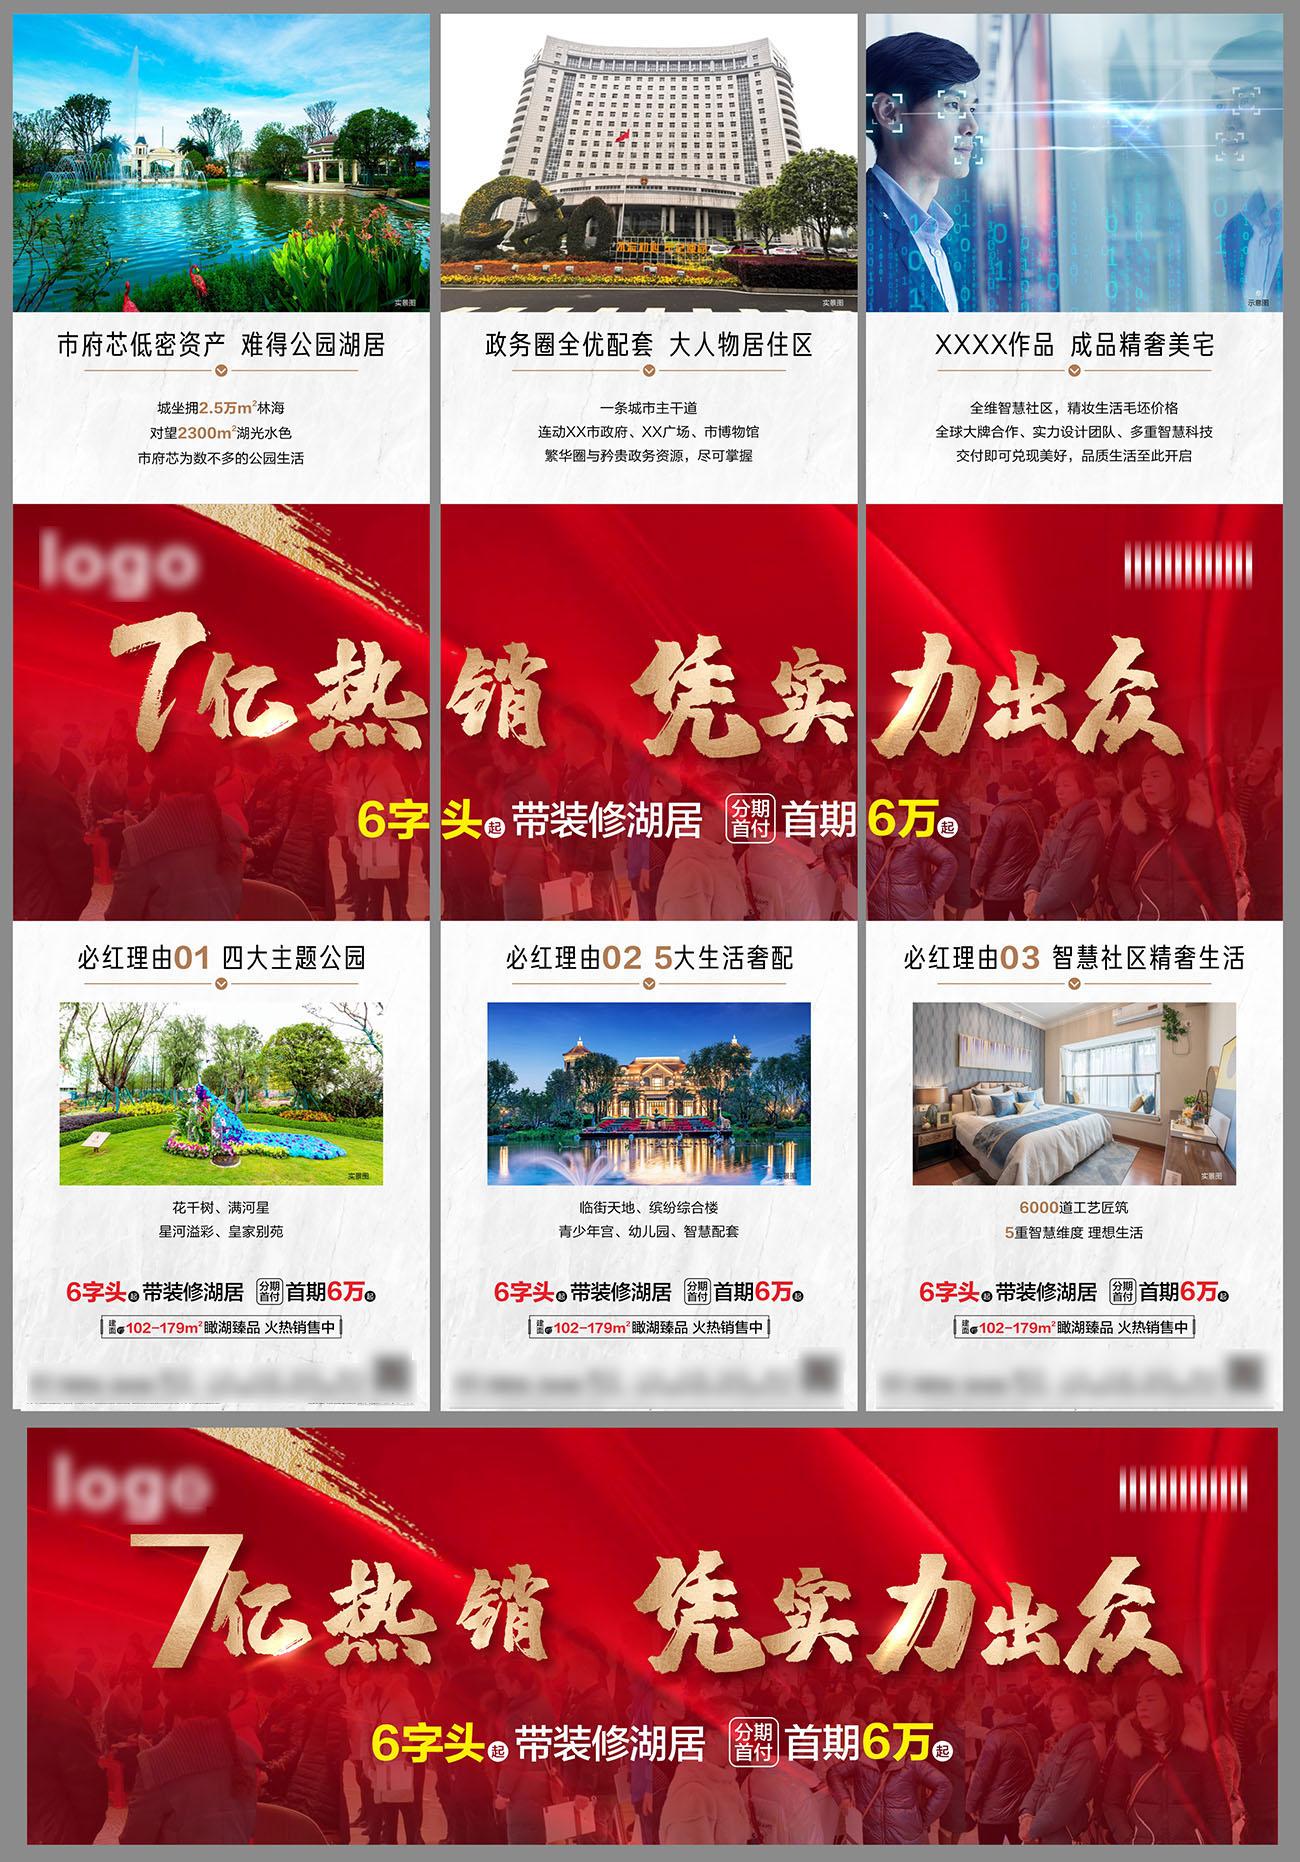 地产必买理由三宫格海报CDR源文件插图